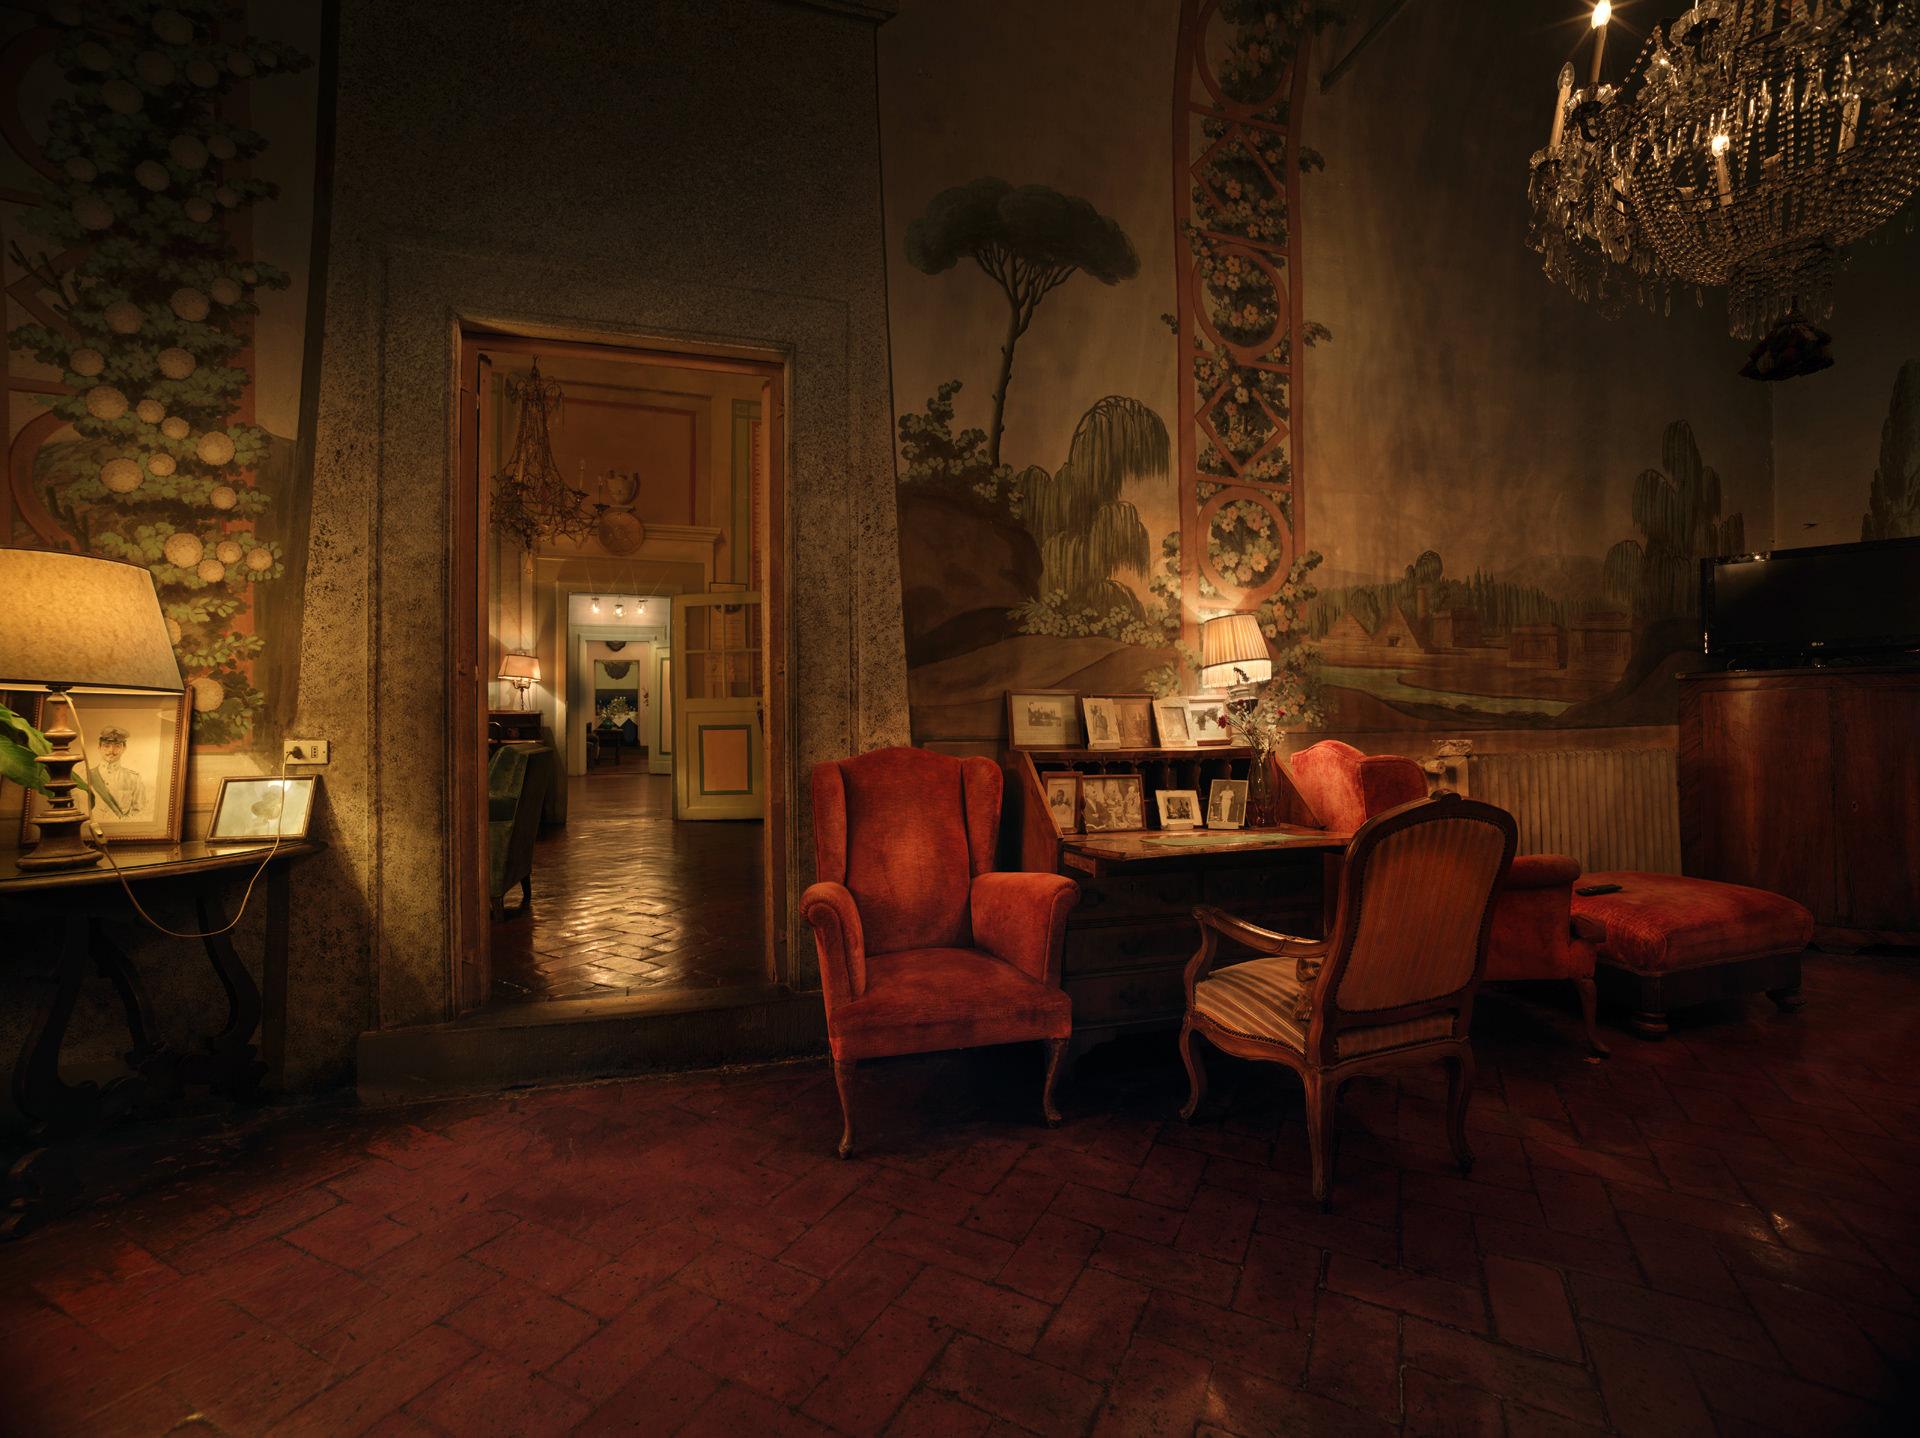 ©ankeluckmann1338, Villa Villoresi Hotel, Architecture, Interior, Italy, anke luckmann, interior